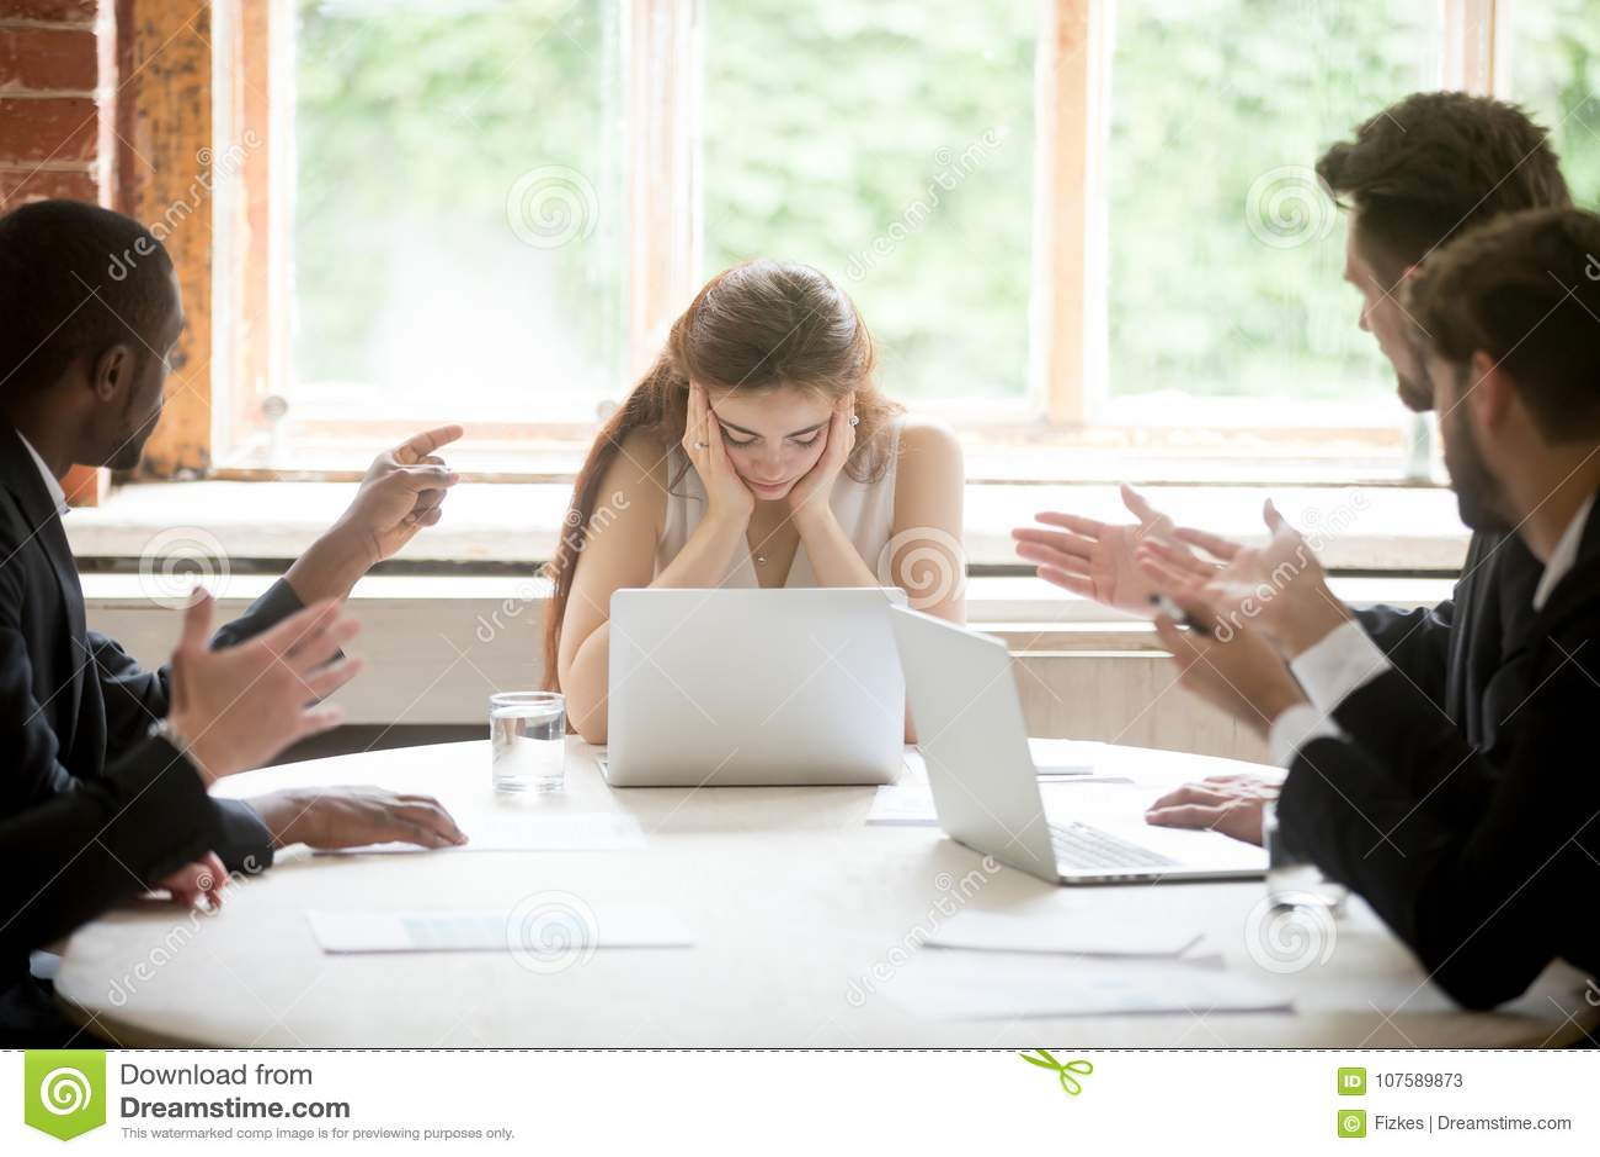 把手指指向的男性同事在会议的翻倒母上司